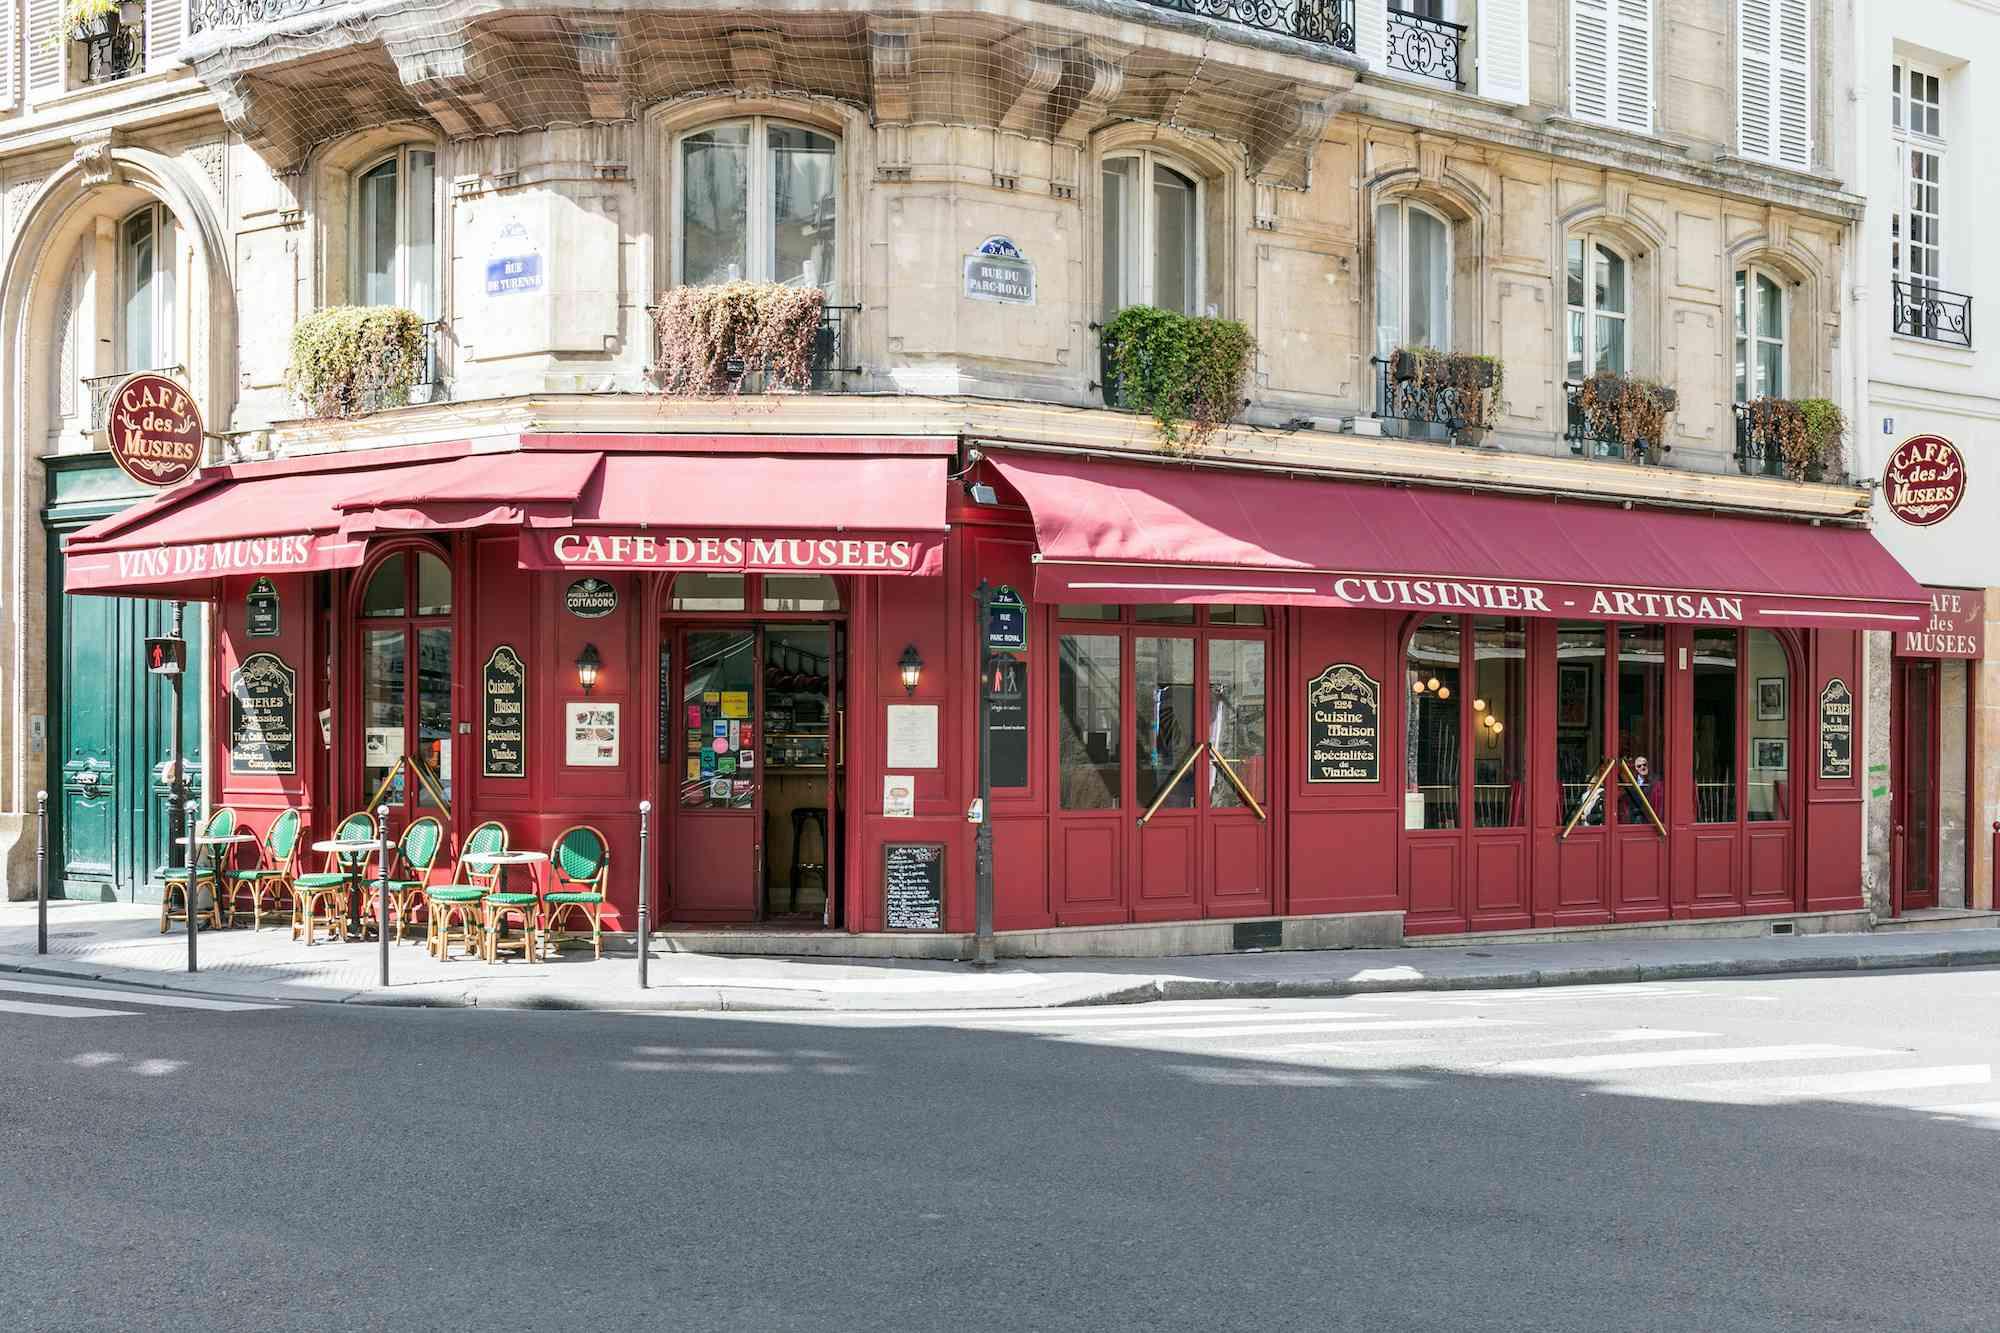 Street view of Café des Musees